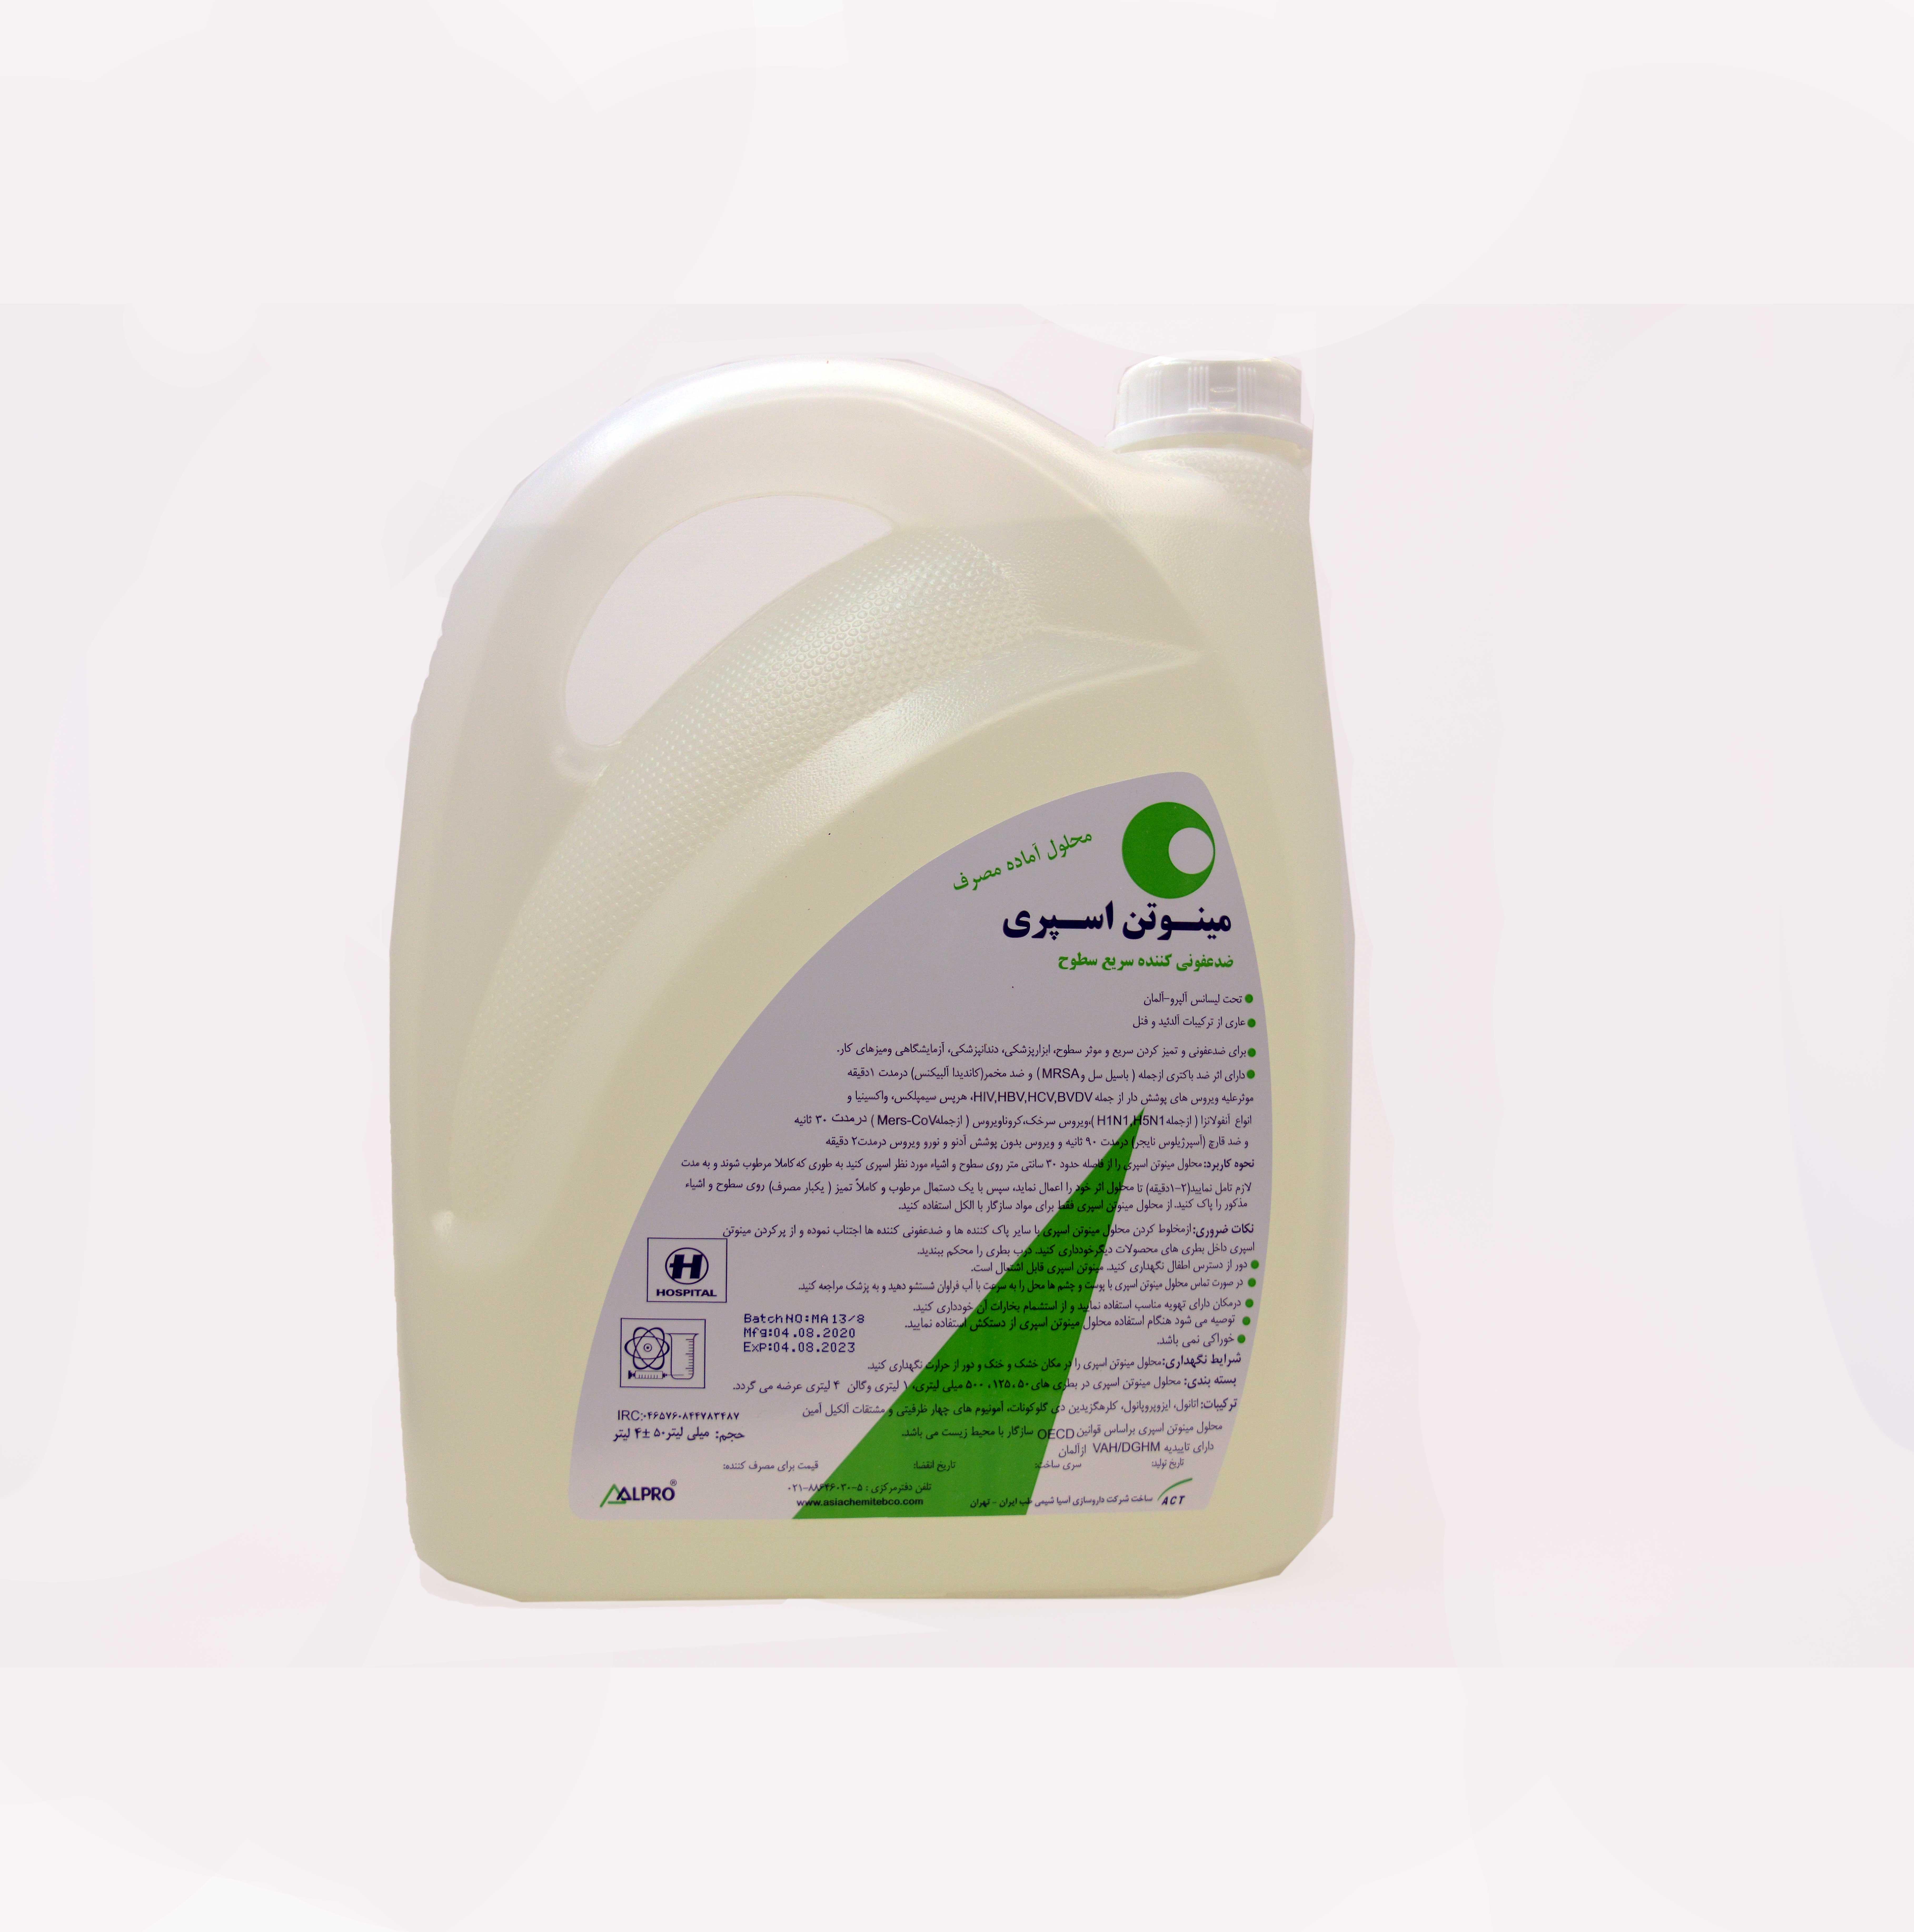 محلول ضد عفونی سطوح مینوتن 1 و 4 لیتری